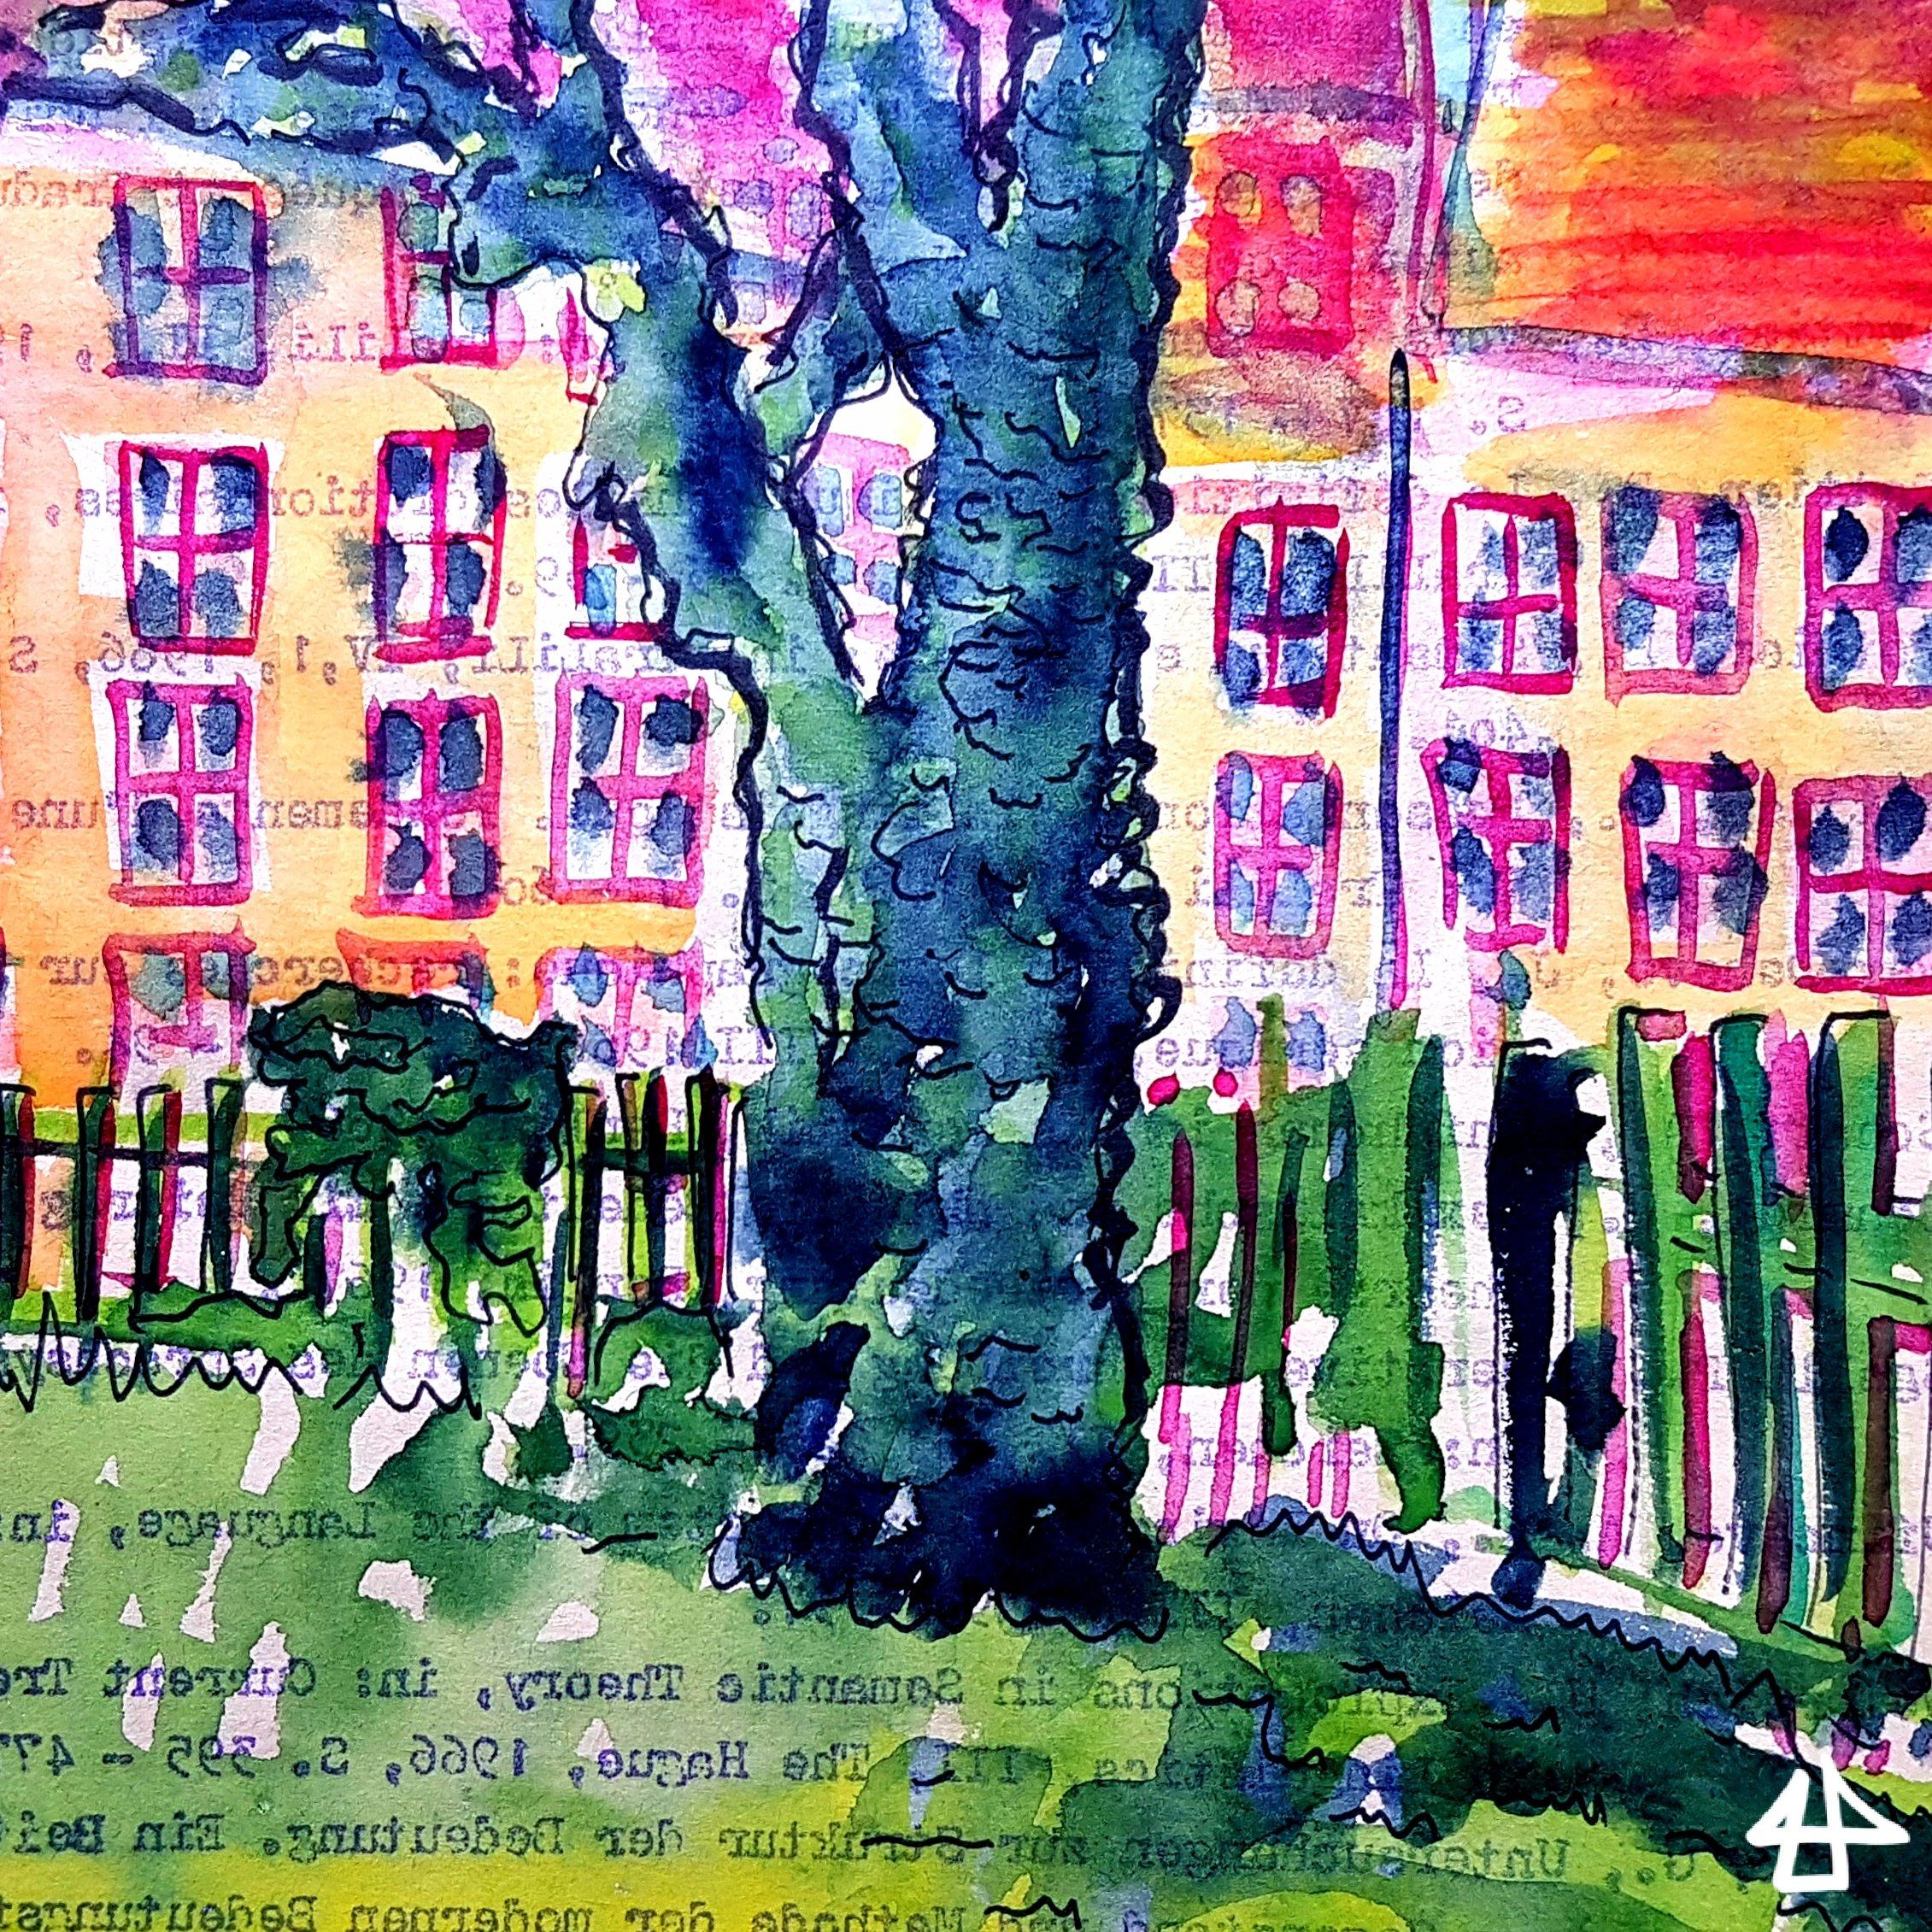 Knorriger bläulicher Baumstamm vor grünem Holzaun, im Hintergrund eine gelbe Hauswand mit vielen Fenster, Fineliner, Aquarell